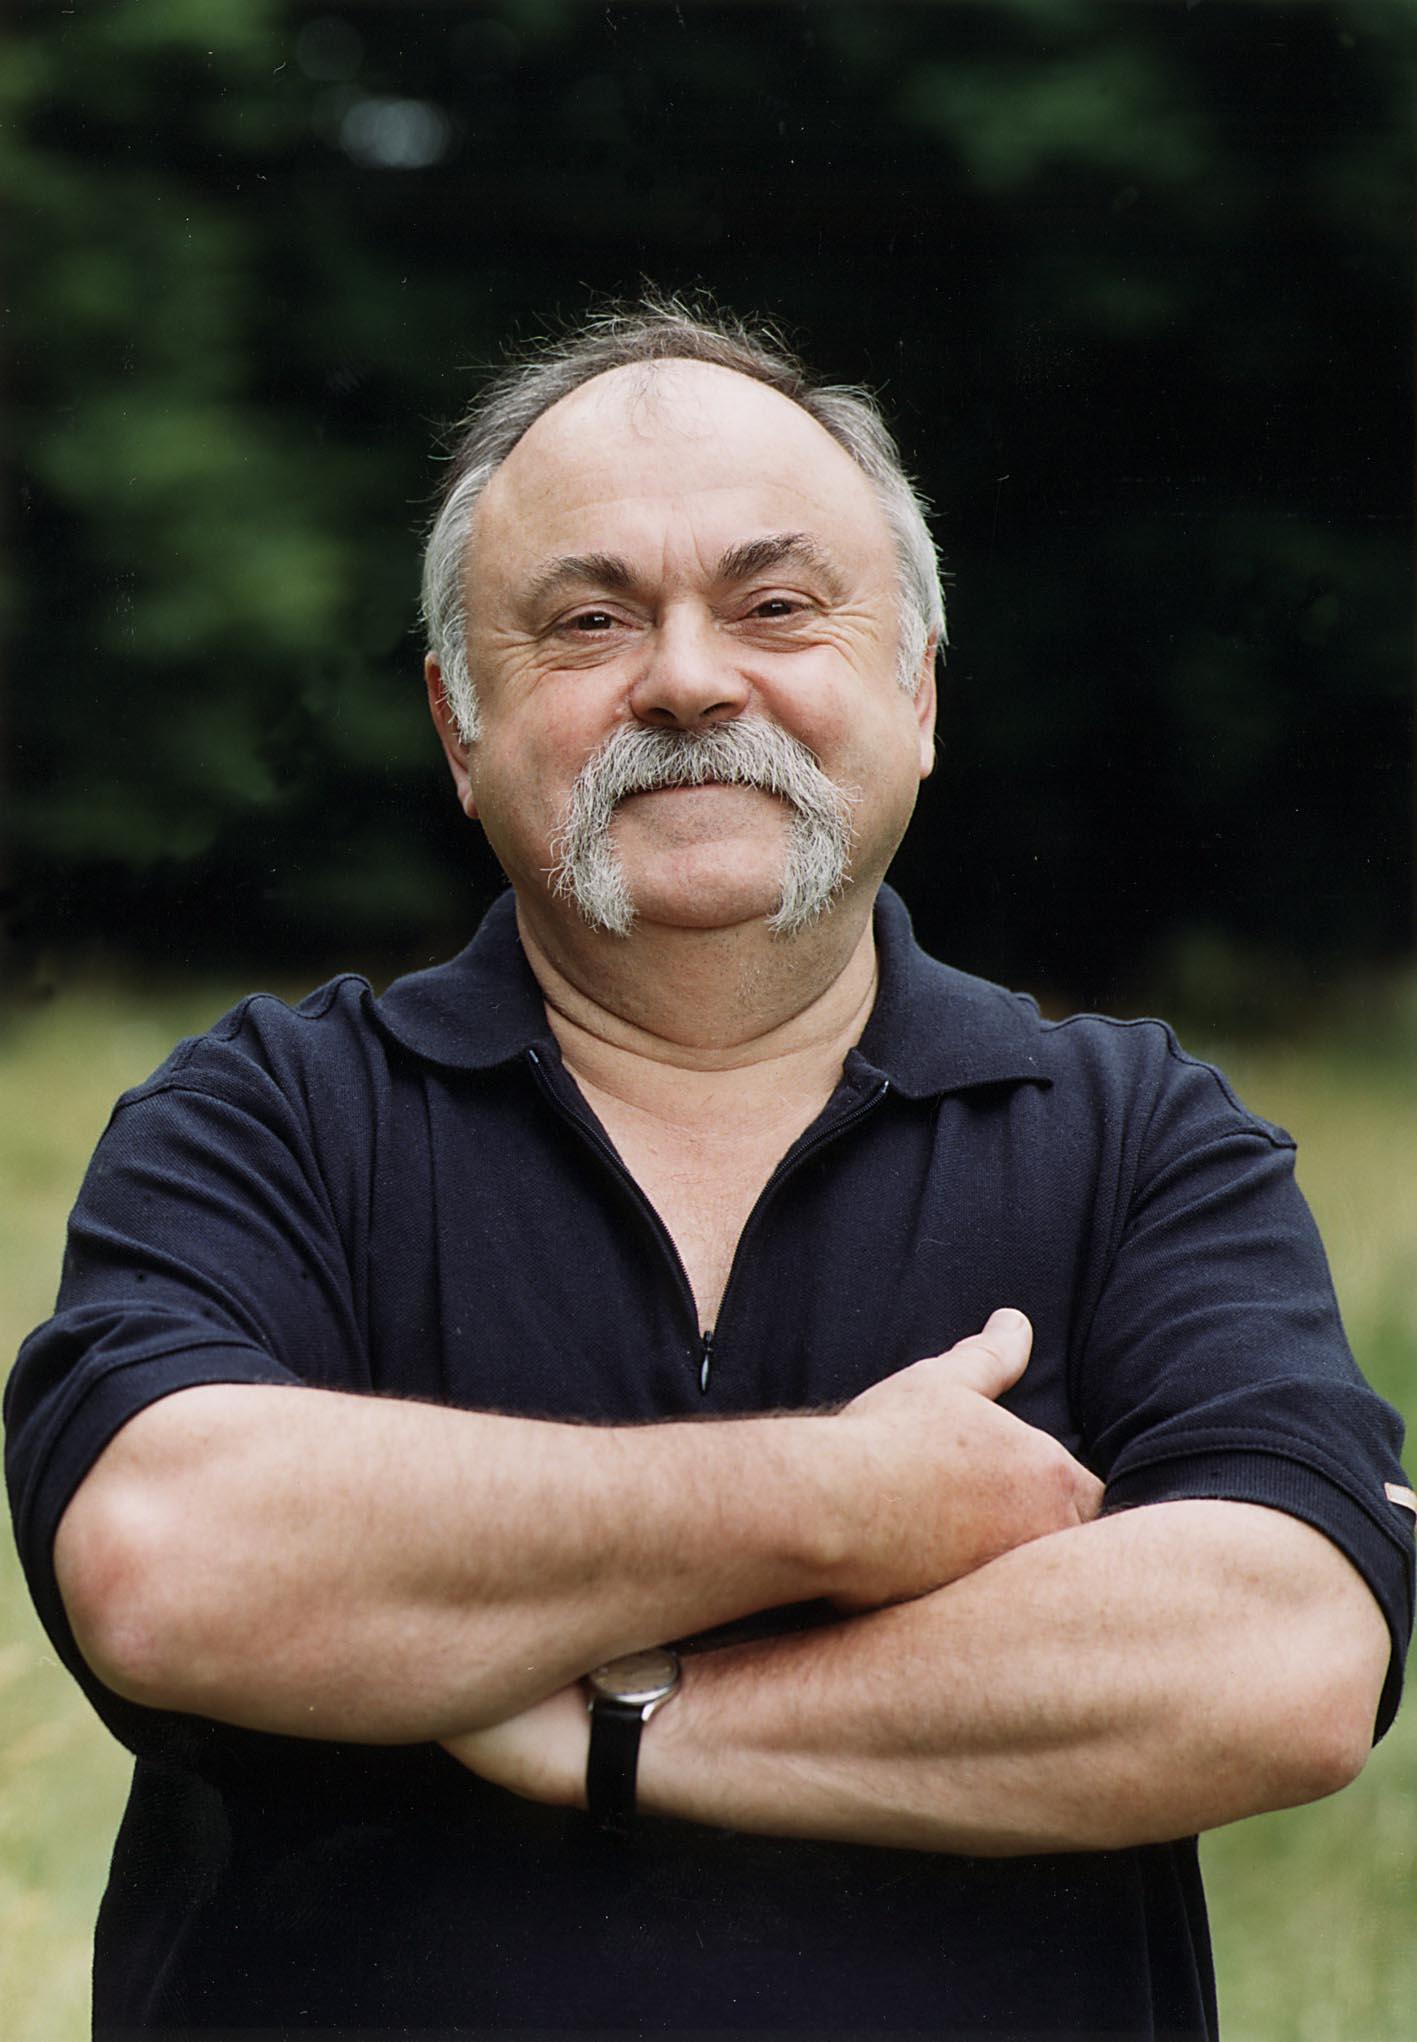 Gunter Böhnke